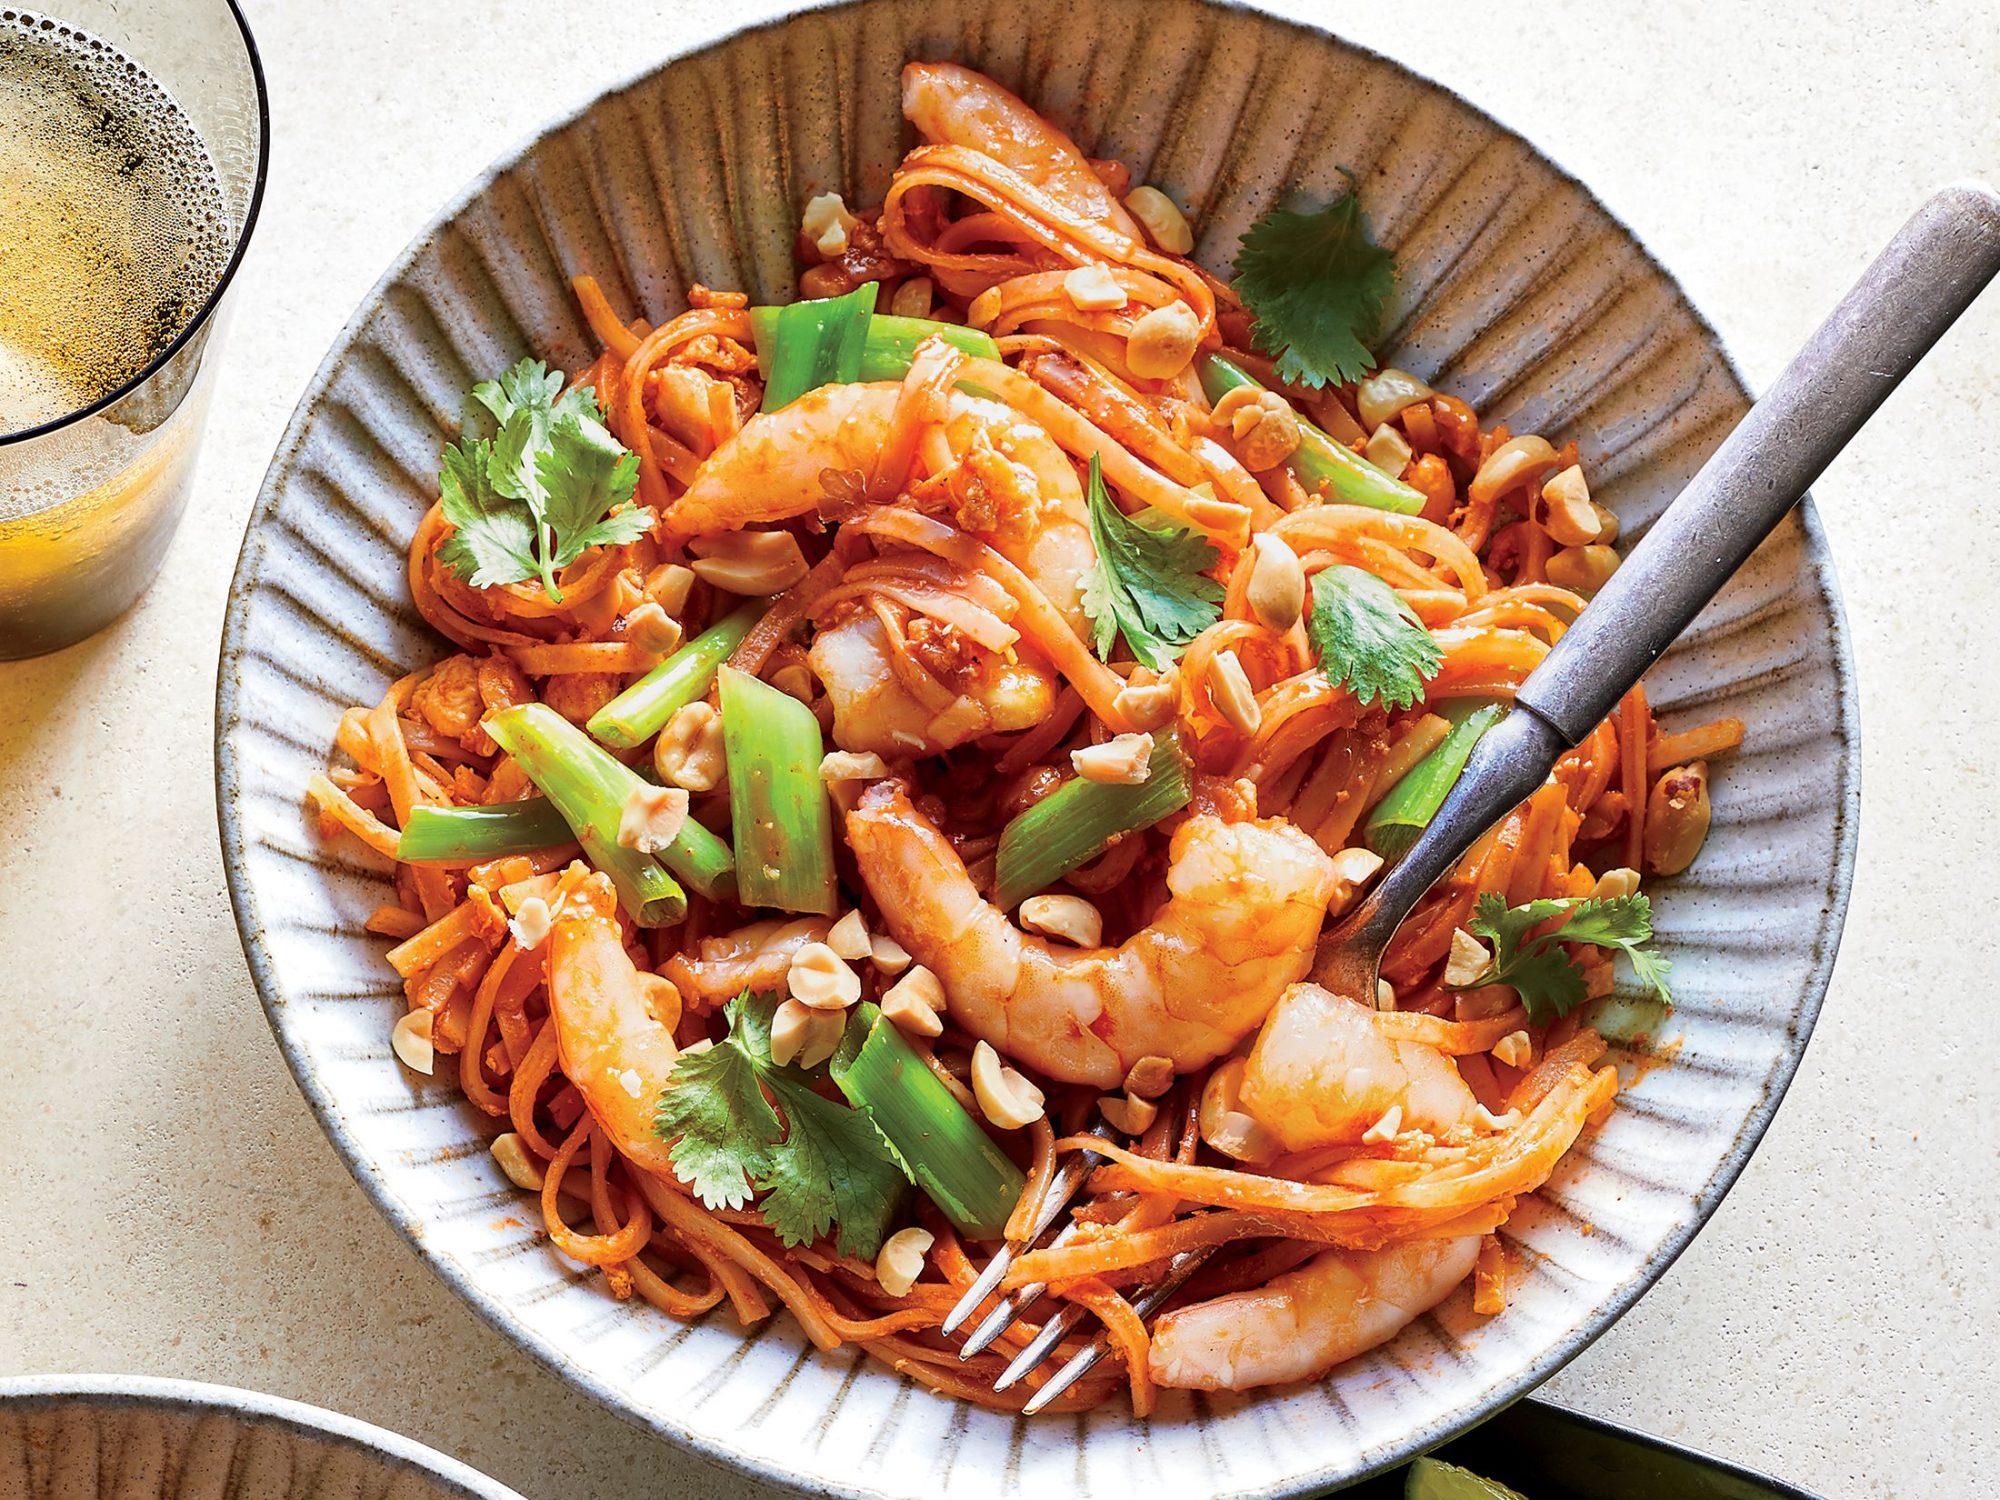 Spicy Shrimp Noodles